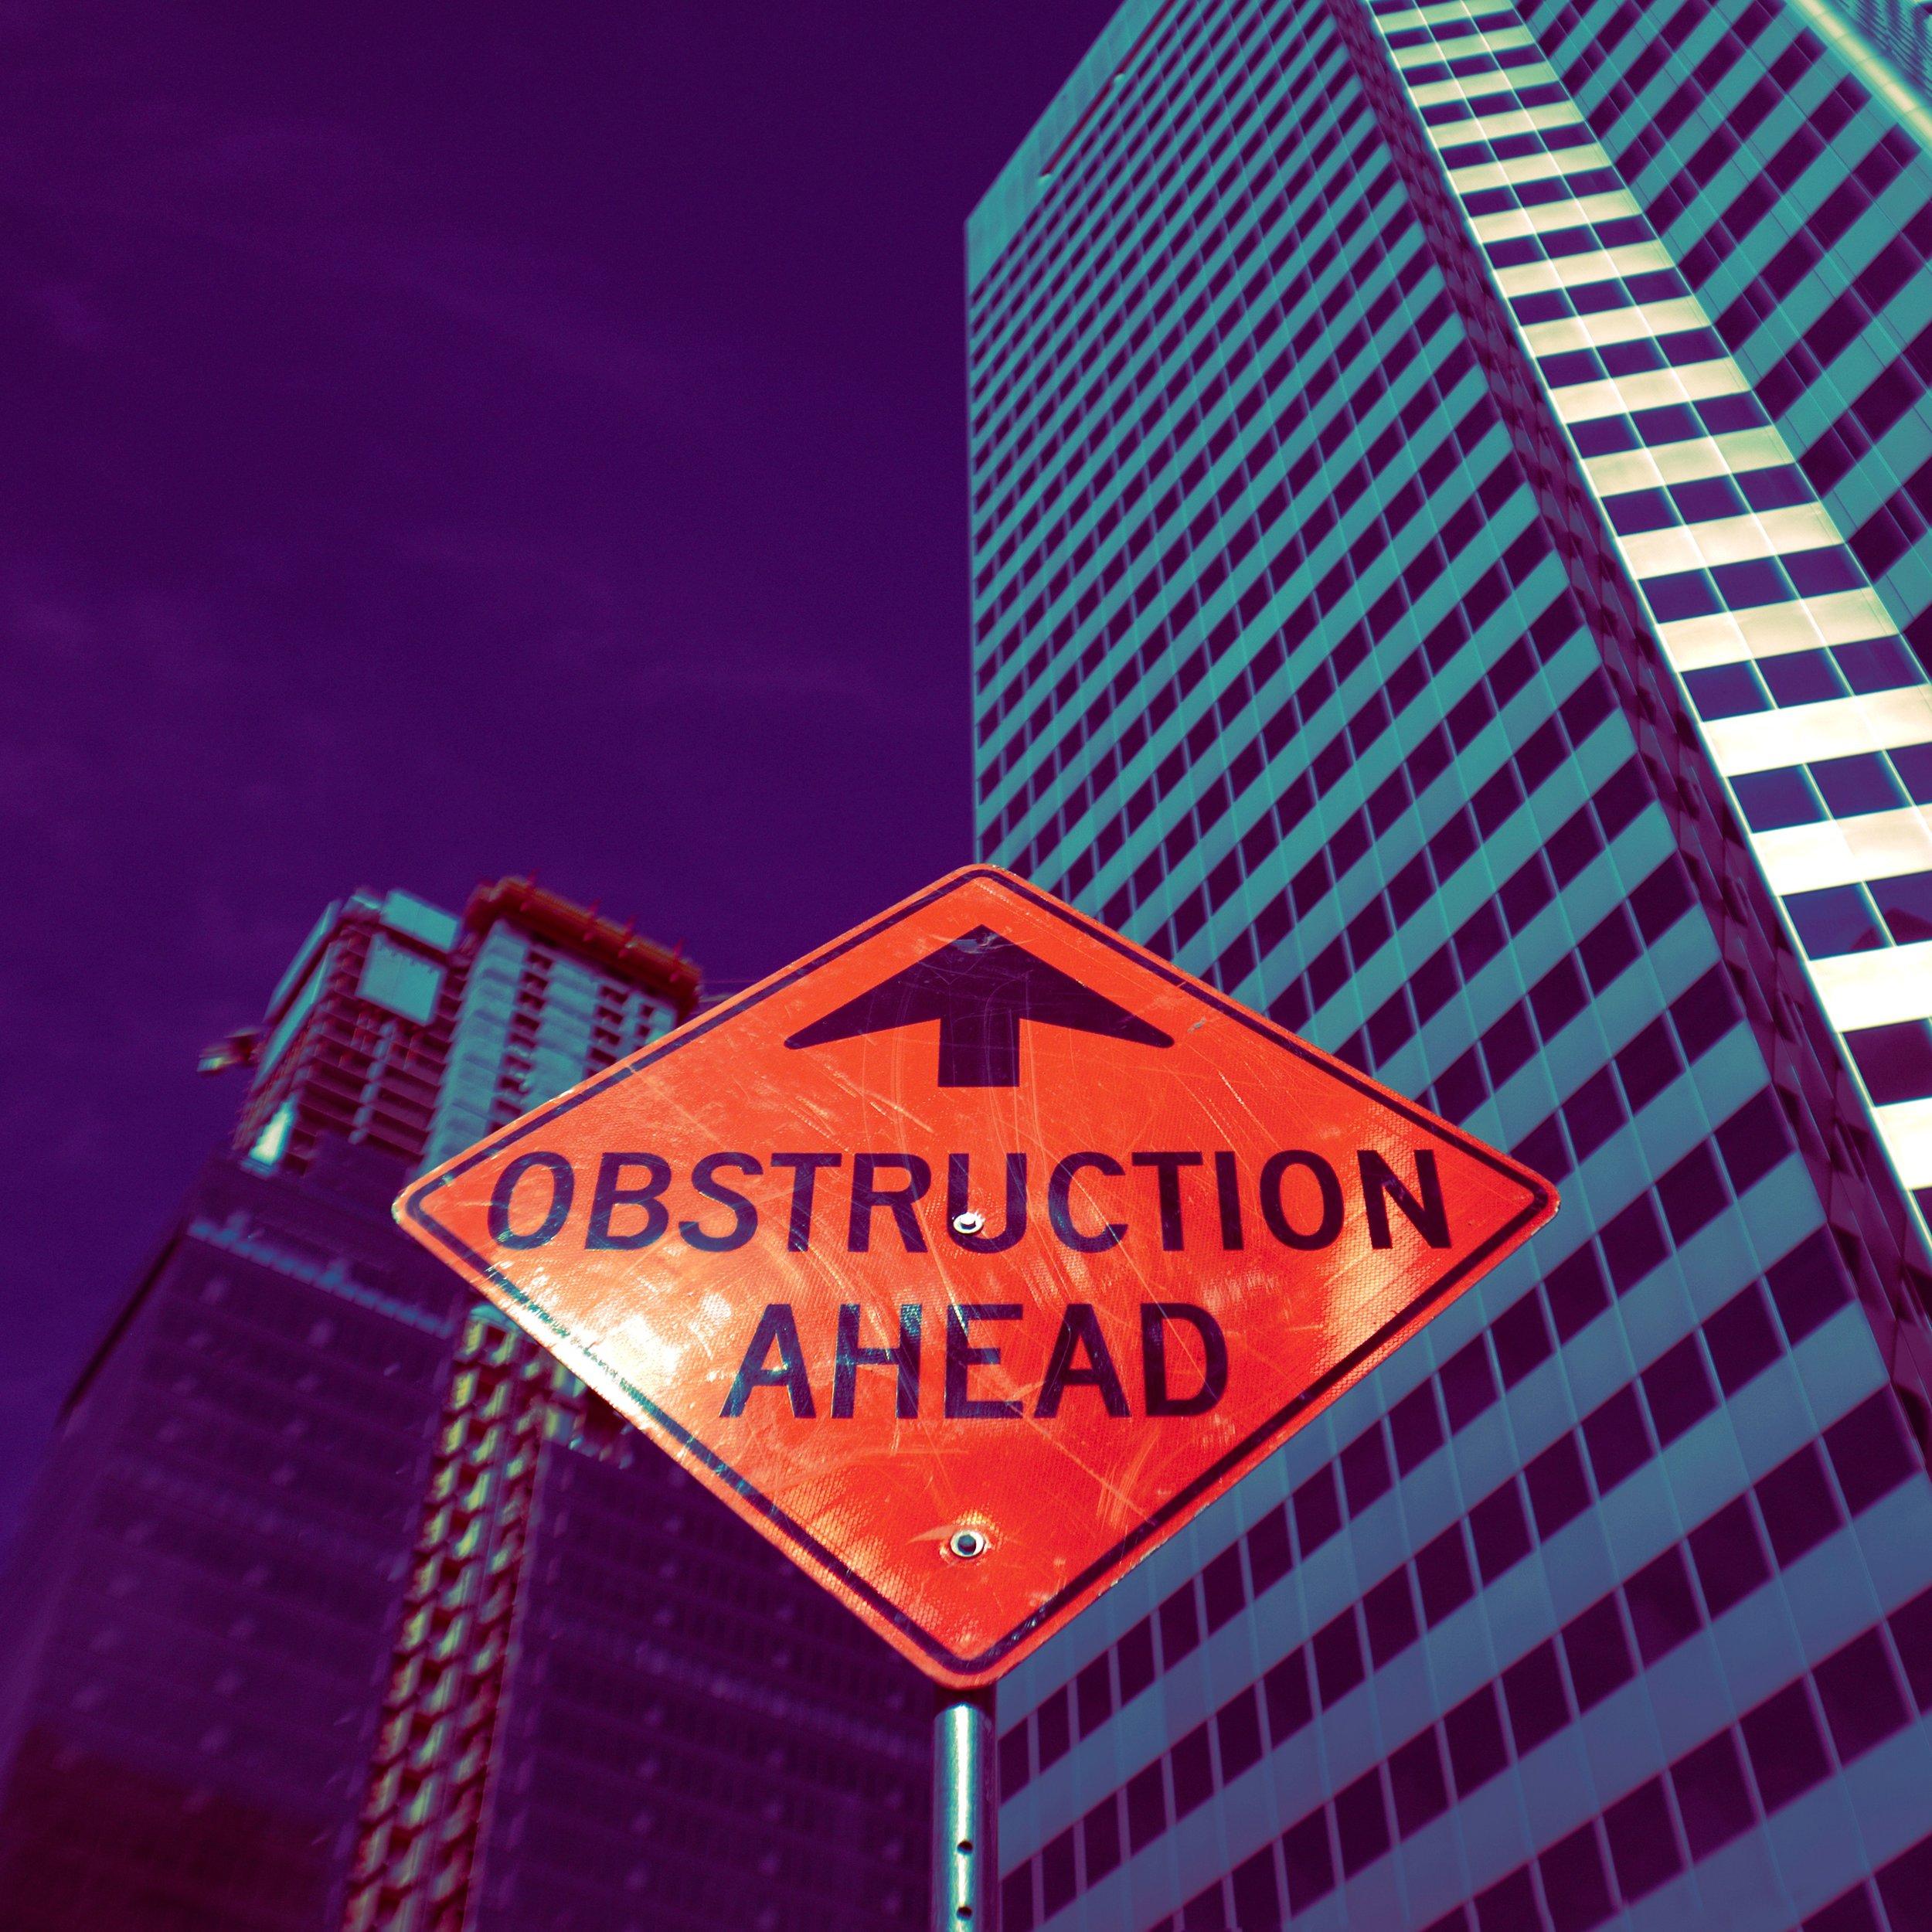 obstruction-ahead.jpg